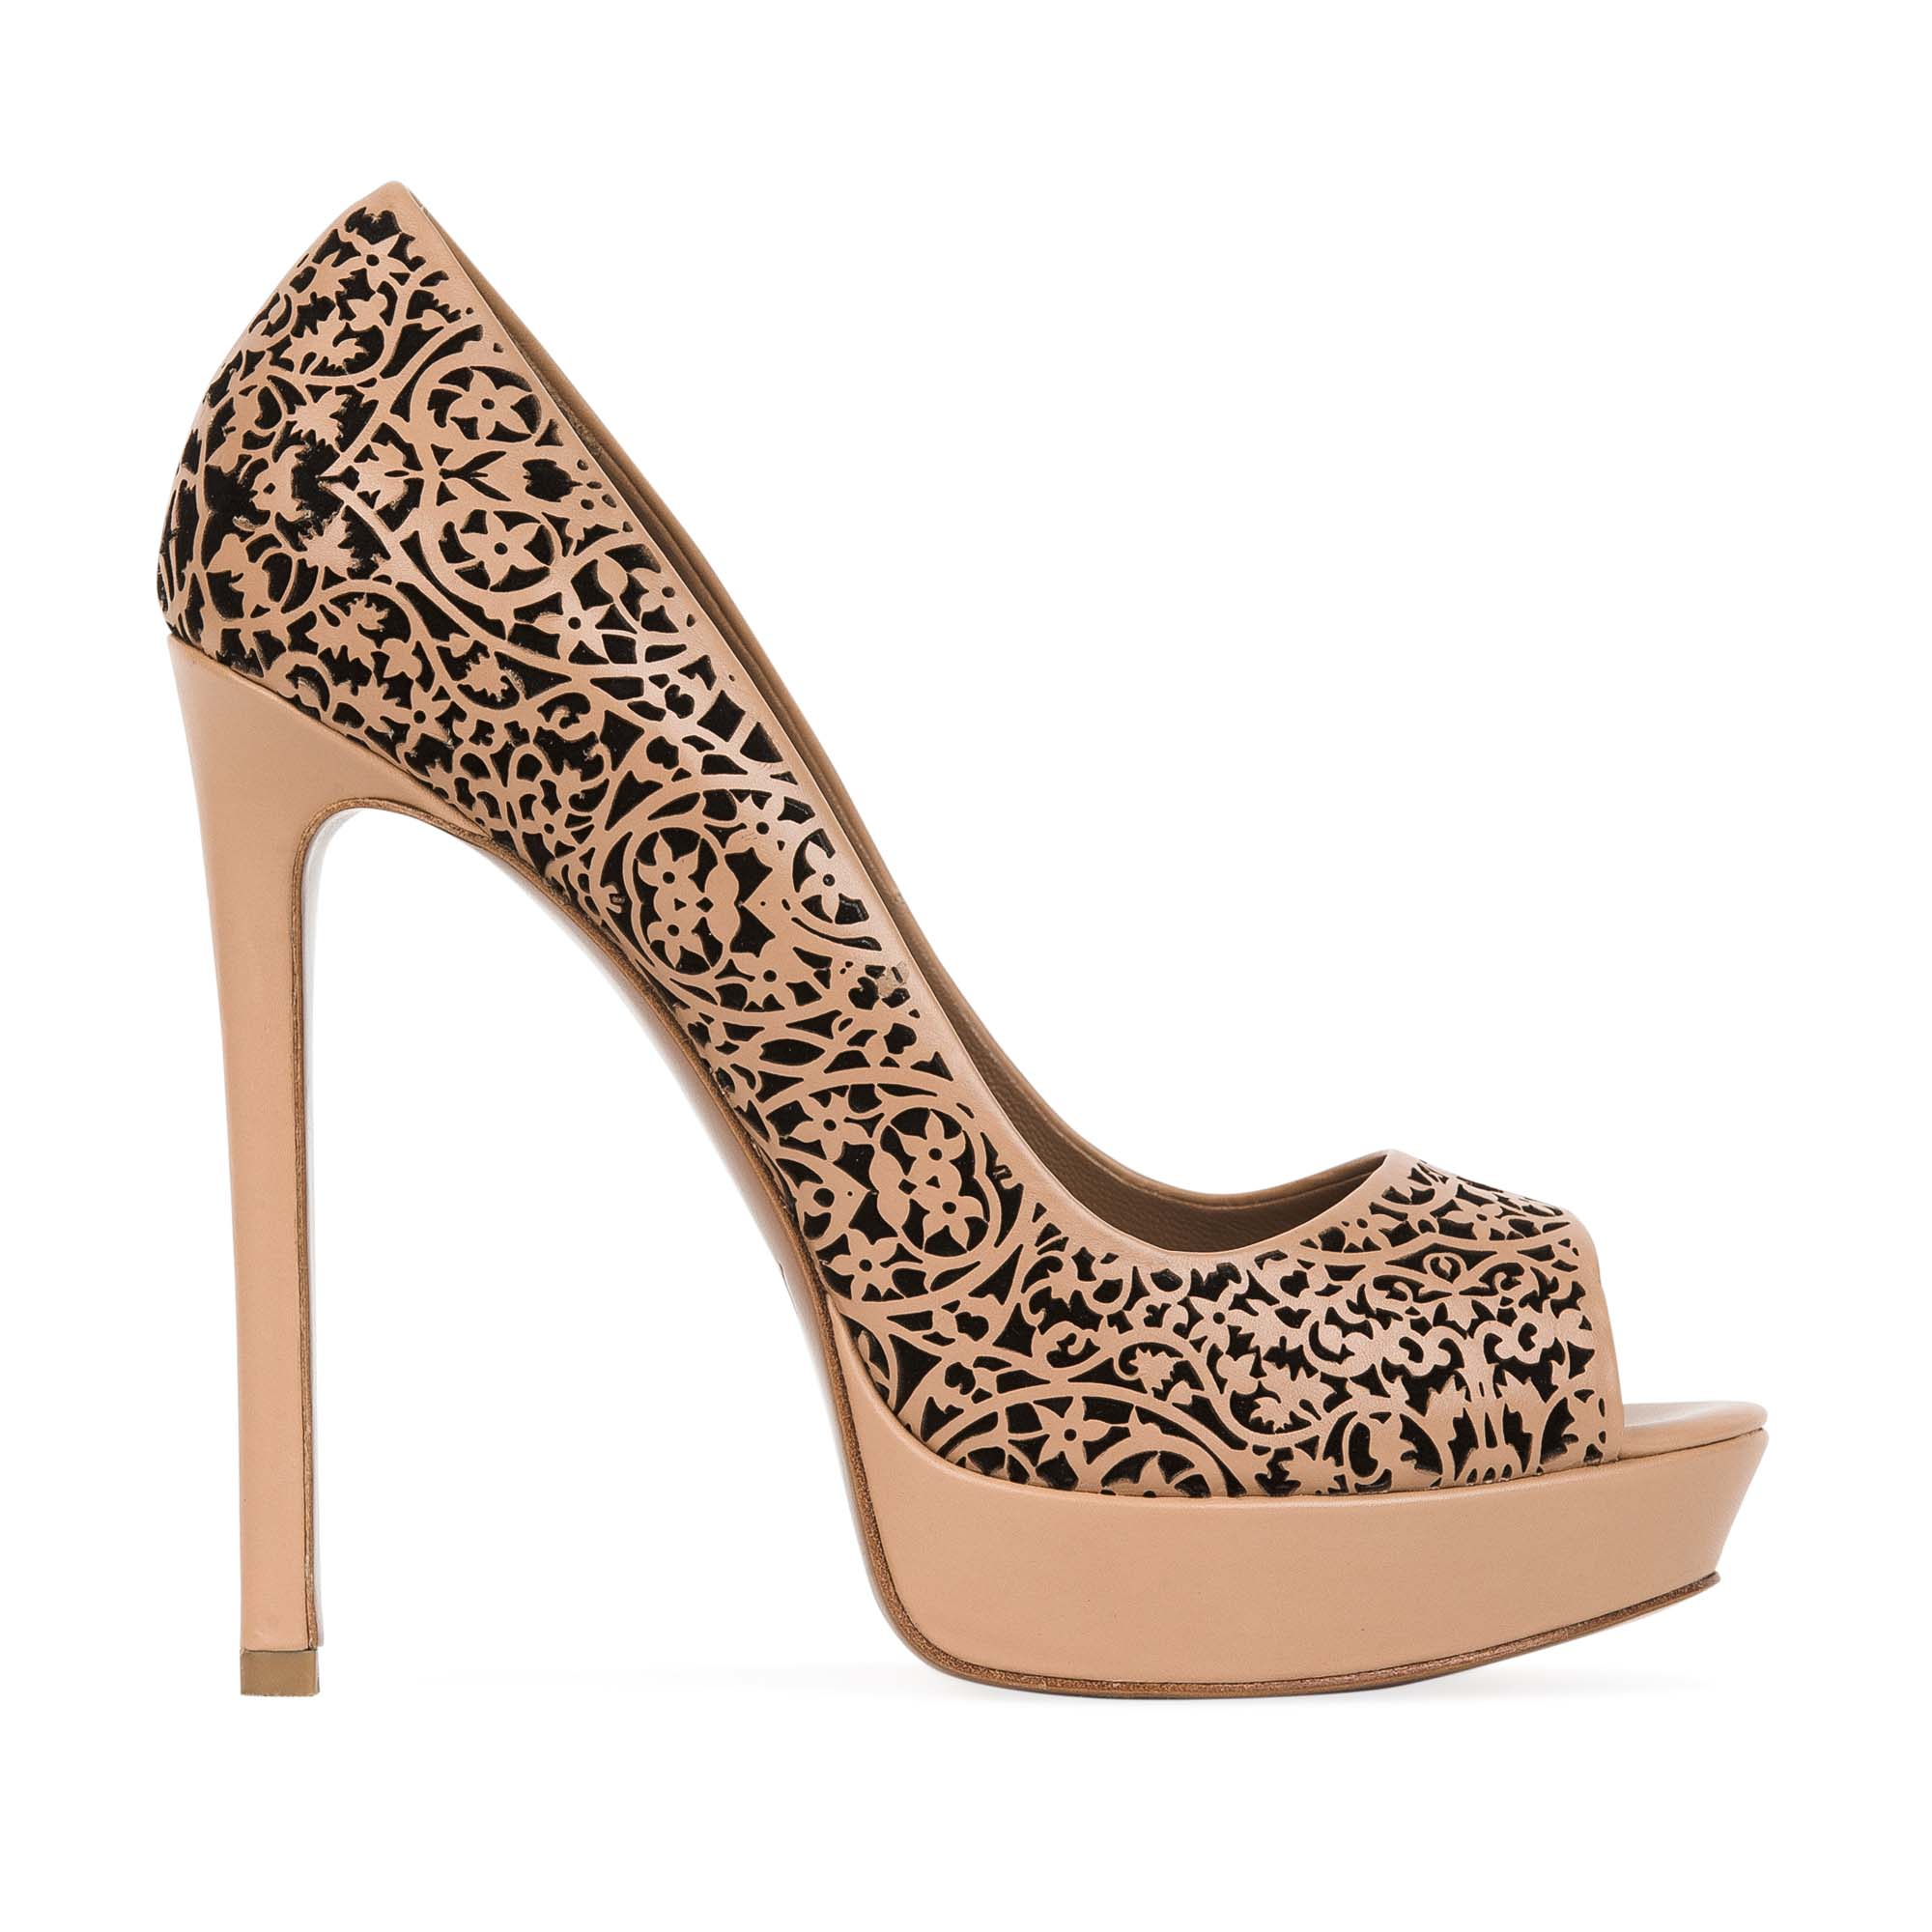 Кожаные туфли на высоком каблуке с цветочным орнаментомТуфли женские<br><br>Материал верха: Кожа+Замша<br>Материал подкладки: Кожа<br>Материал подошвы: Кожа<br>Цвет: Бежевый<br>Высота каблука: 13 см<br>Дизайн: Италия<br>Страна производства: Китай<br><br>Высота каблука: 13 см<br>Материал верха: Кожа<br>Материал подошвы: Кожа<br>Материал подкладки: Кожа<br>Цвет: Бежевый<br>Пол: Женский<br>Вес кг: 0.53000000<br>Выберите размер обуви: 39